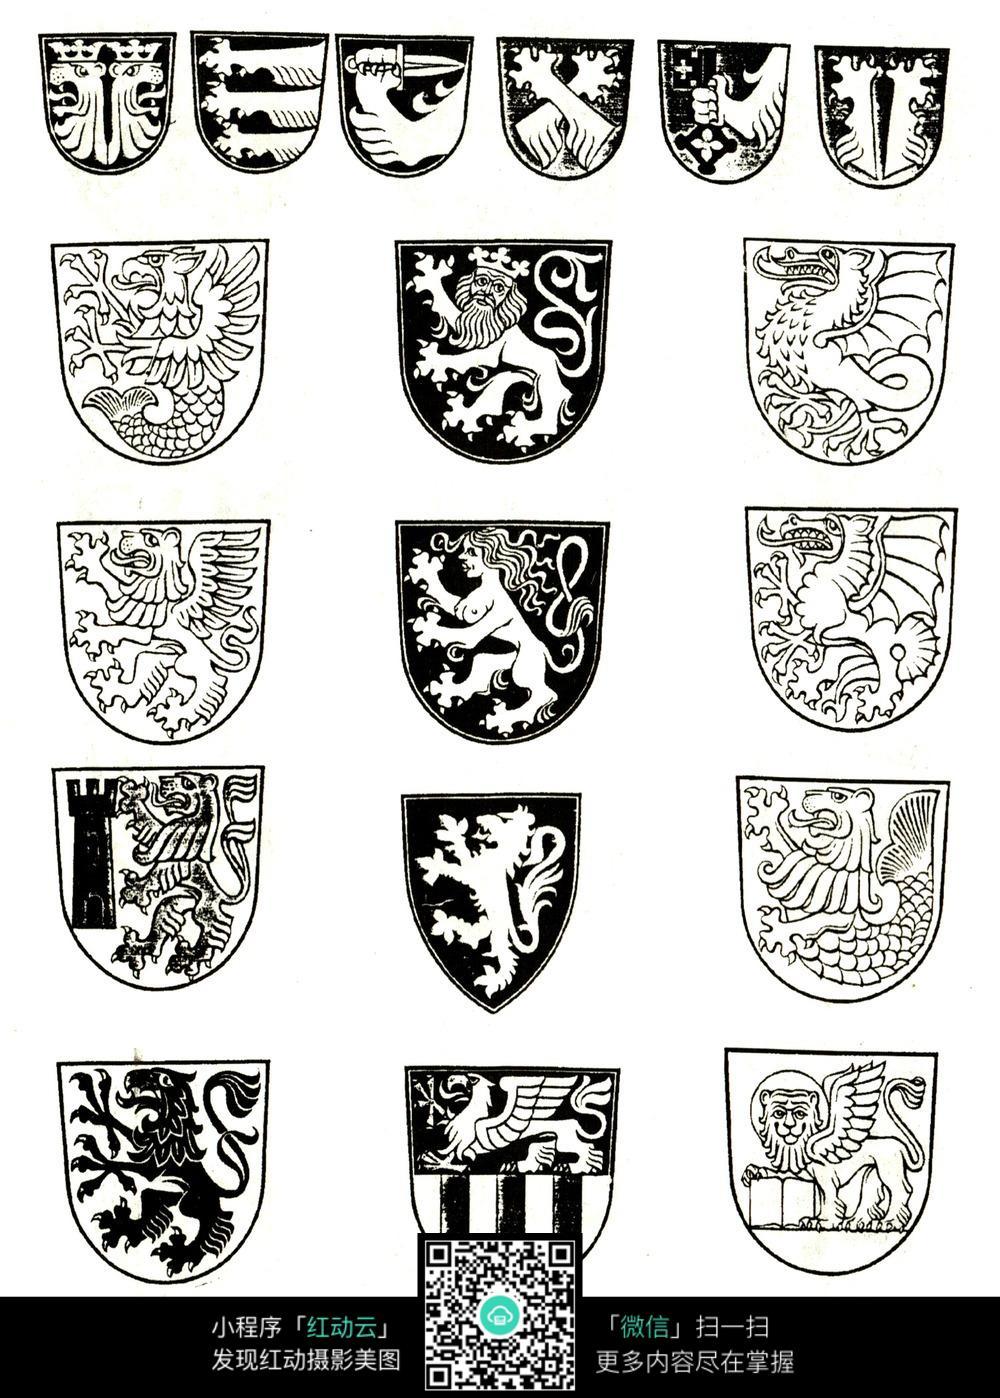 国外盾牌狮子印章图案设计素材jpg